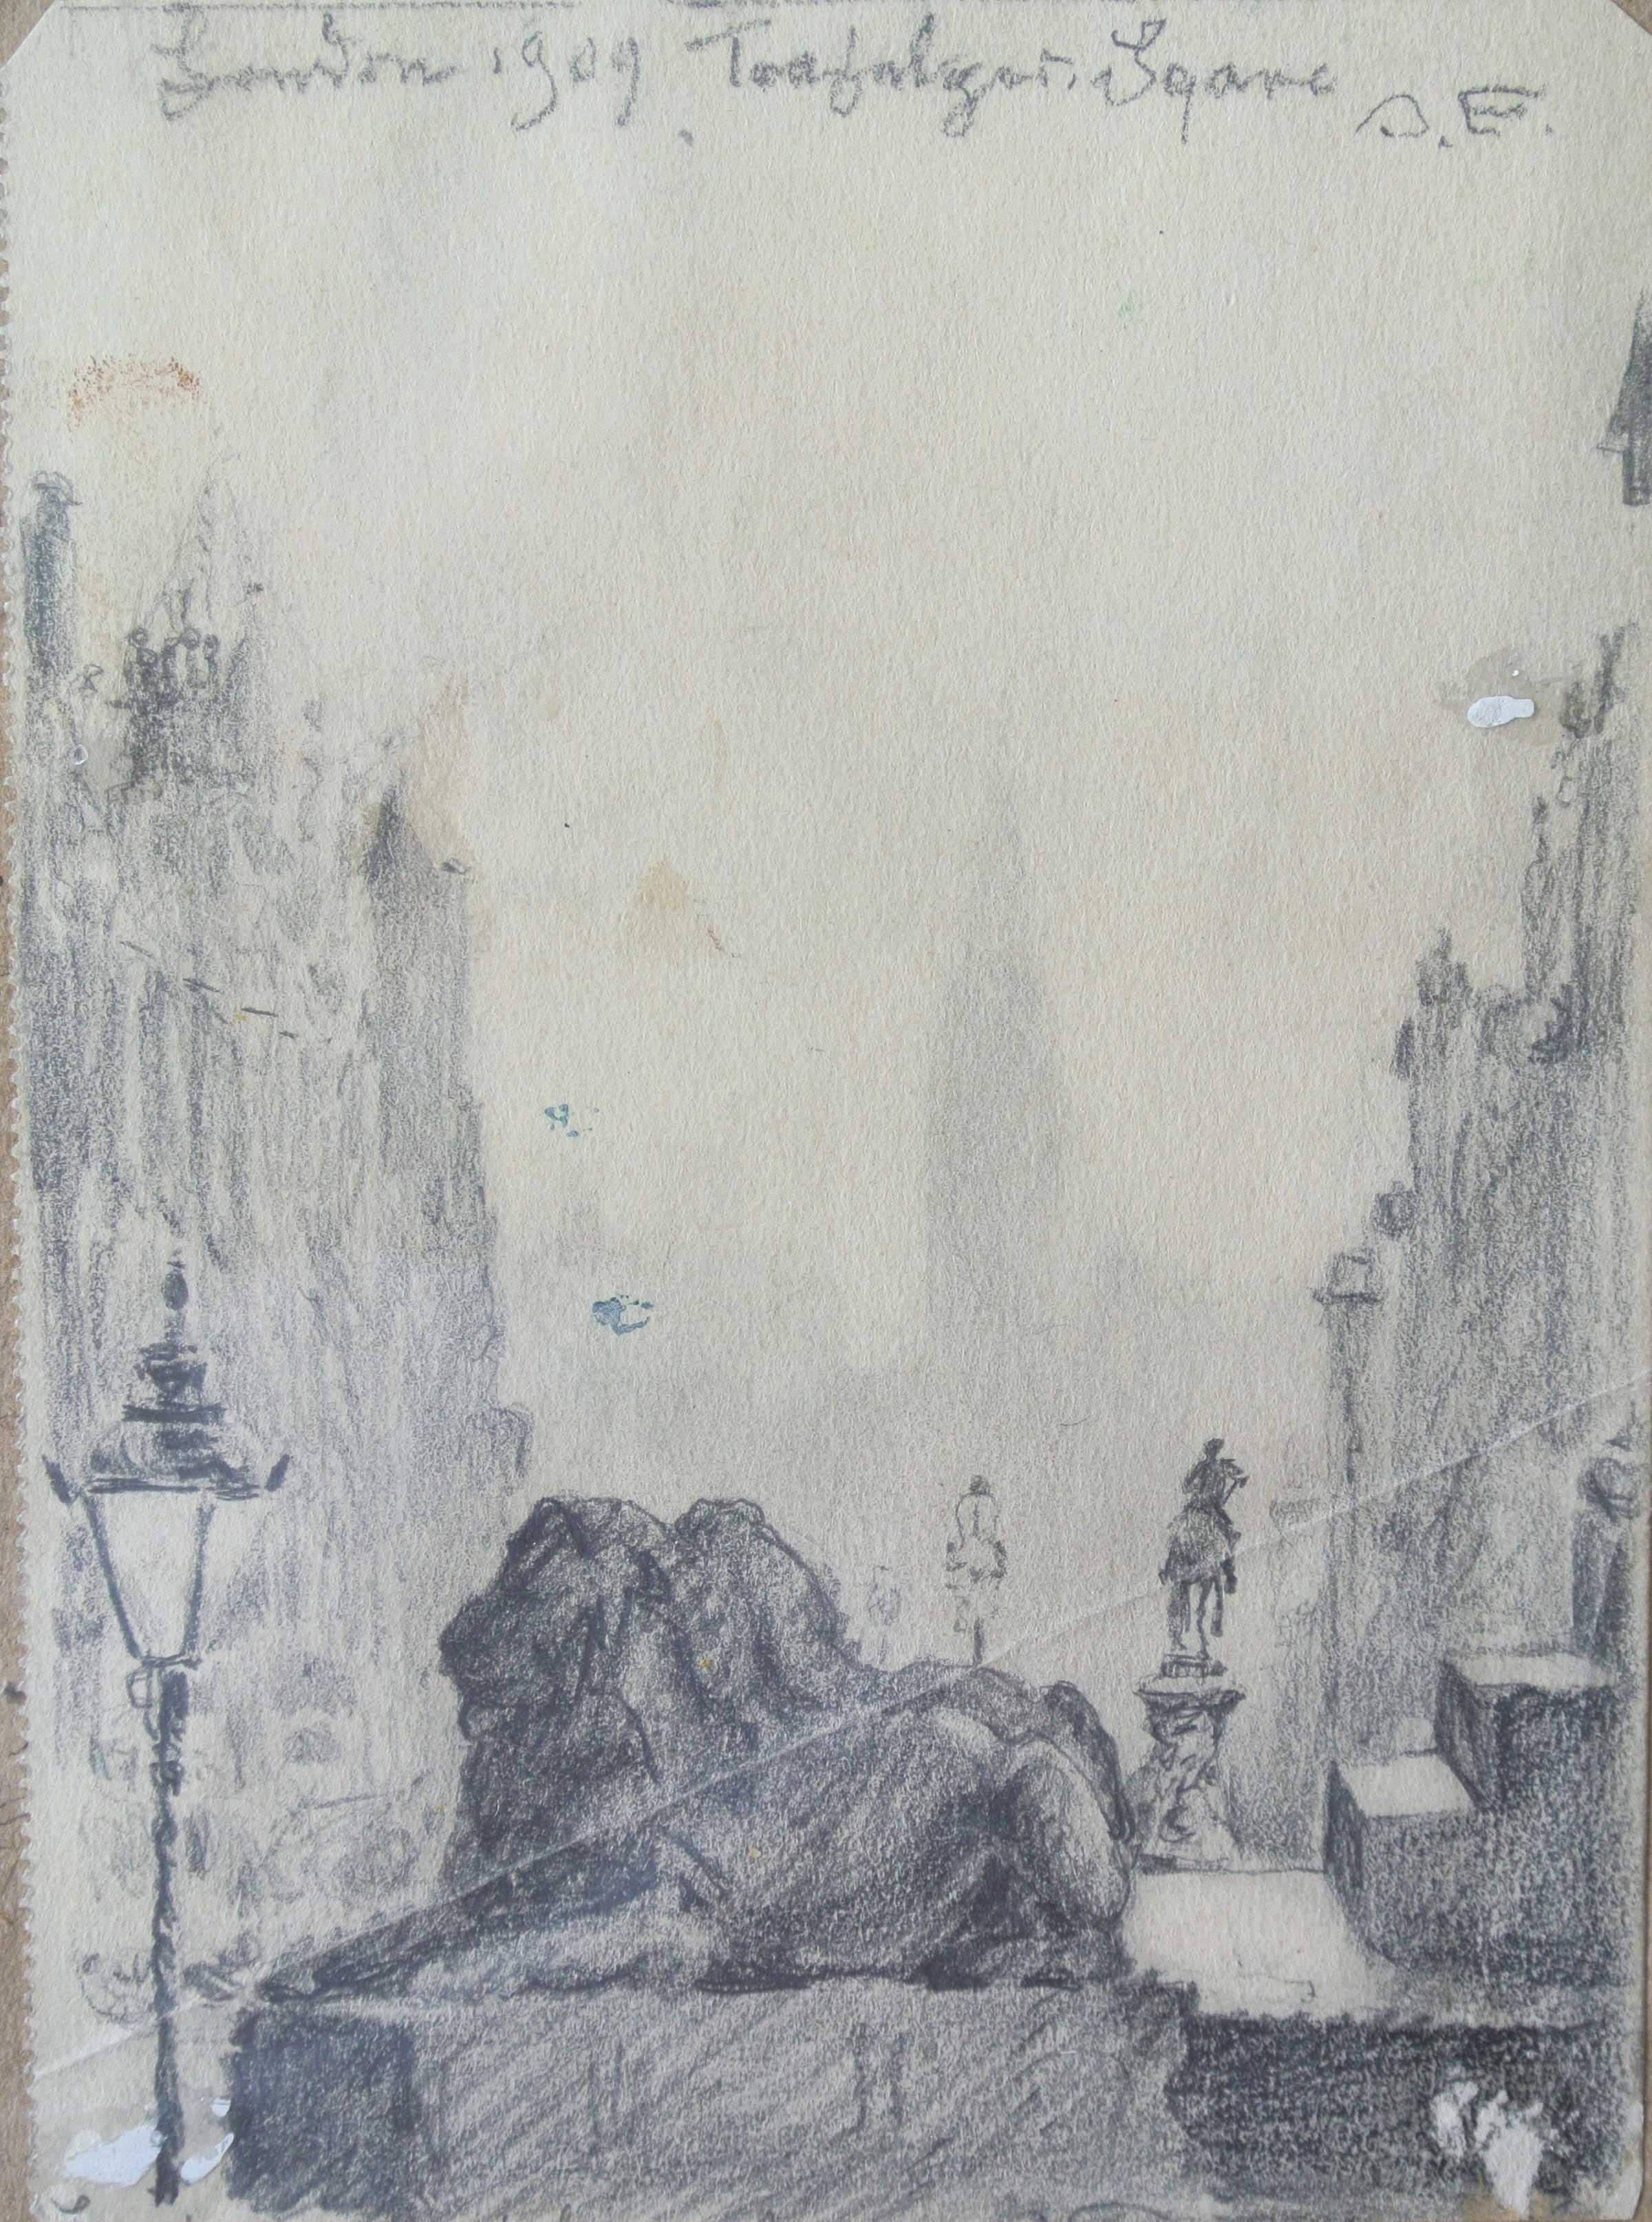 Trafalgar Square, London, 1909, für vergrößerte Ansicht anklicken!